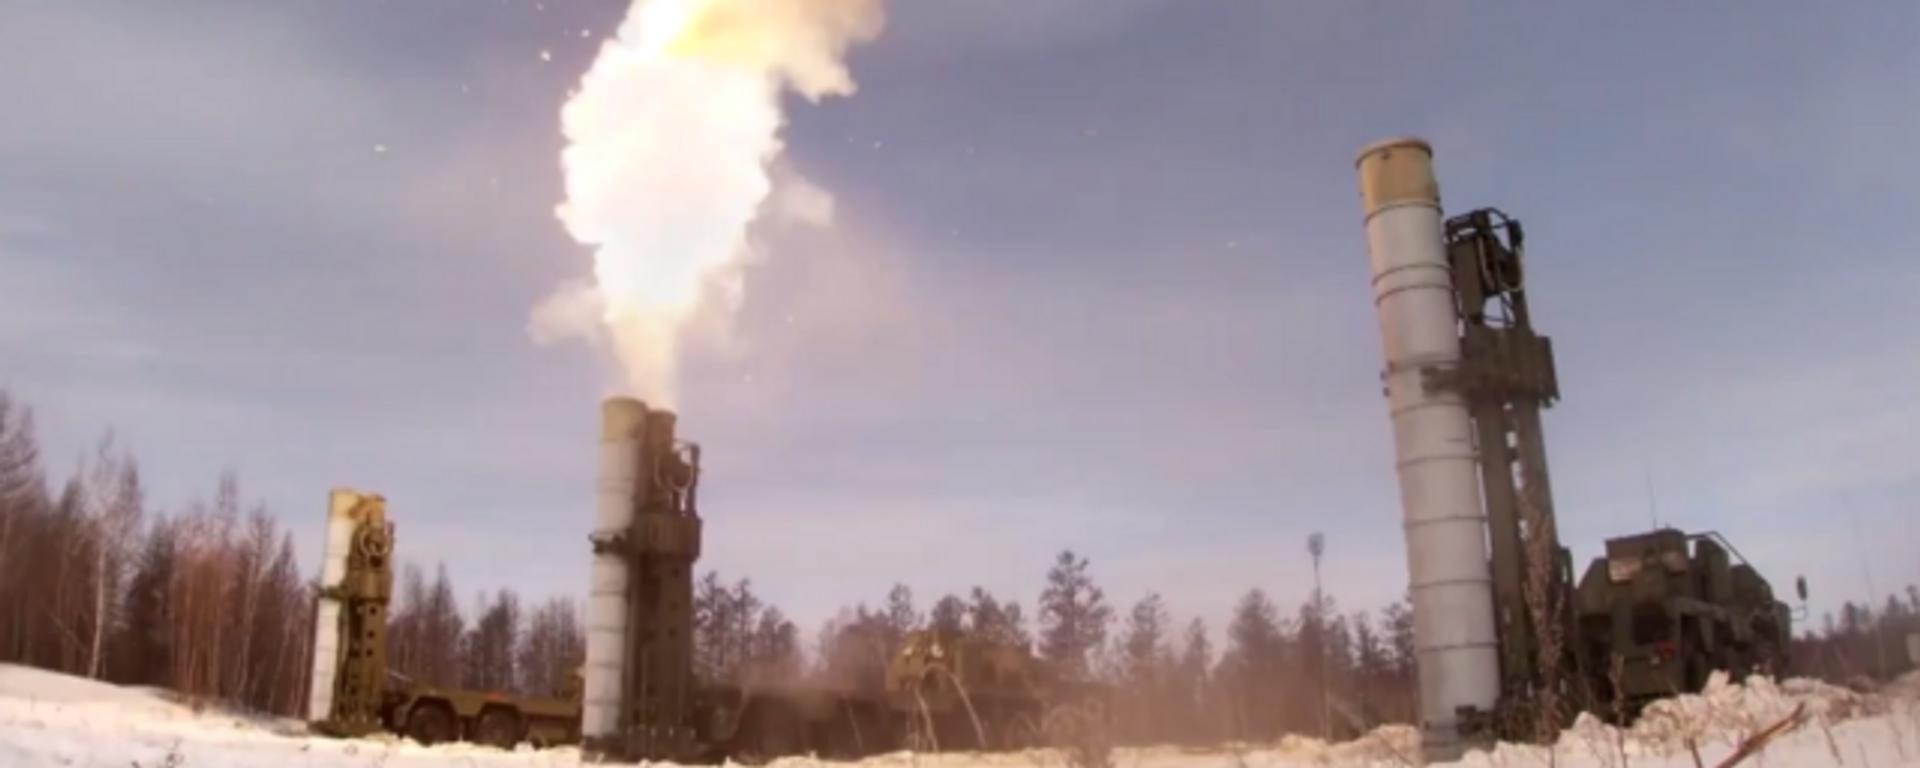 Los sistemas S-400 y Buk rusos lanzan sus misiles contra objetivos - Sputnik Mundo, 1920, 20.03.2021